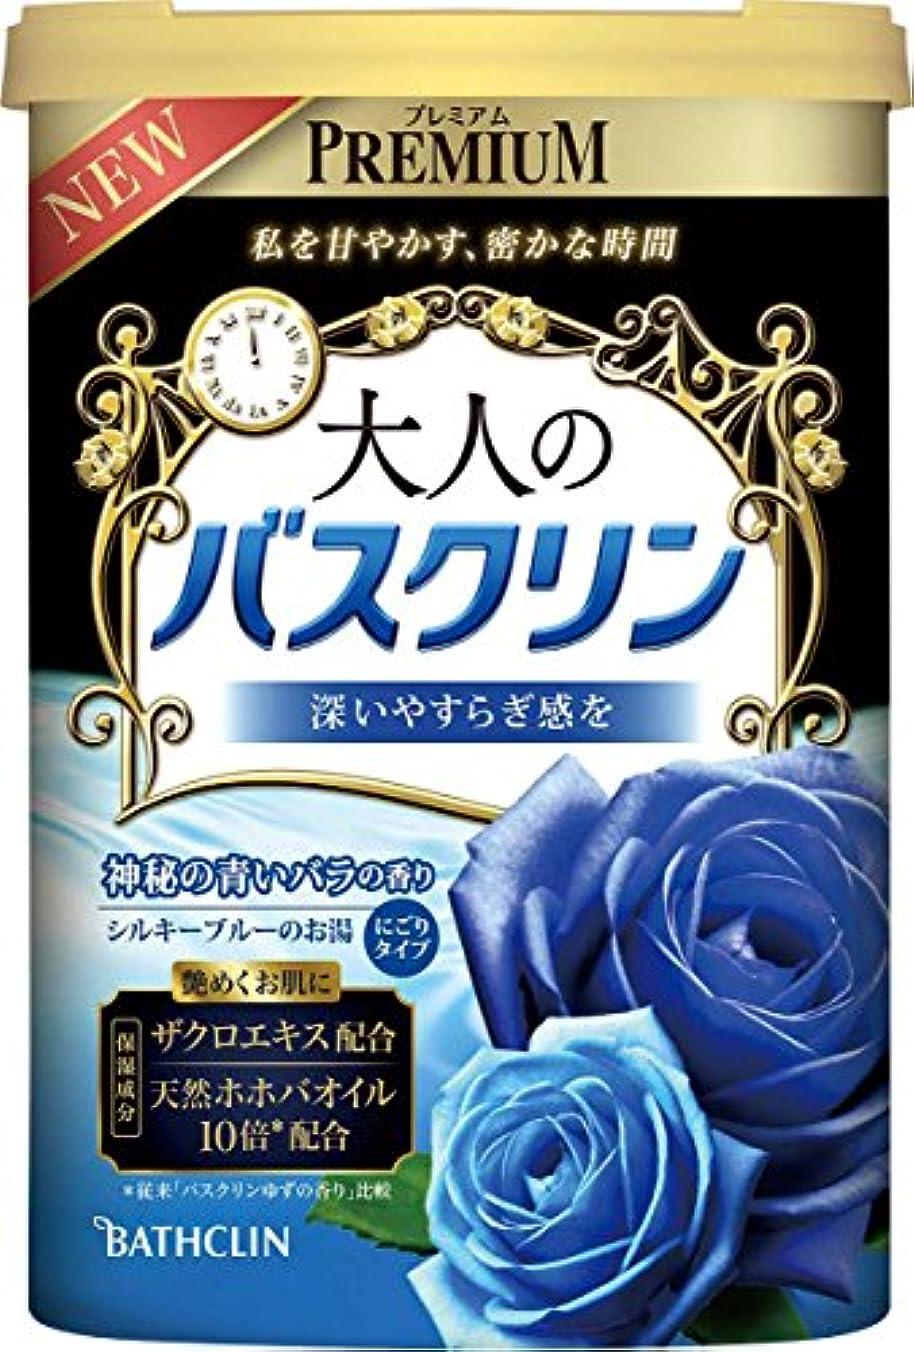 熱追い付くぞっとするような大人のバスクリン 神秘の青いバラの香り 600g入浴剤